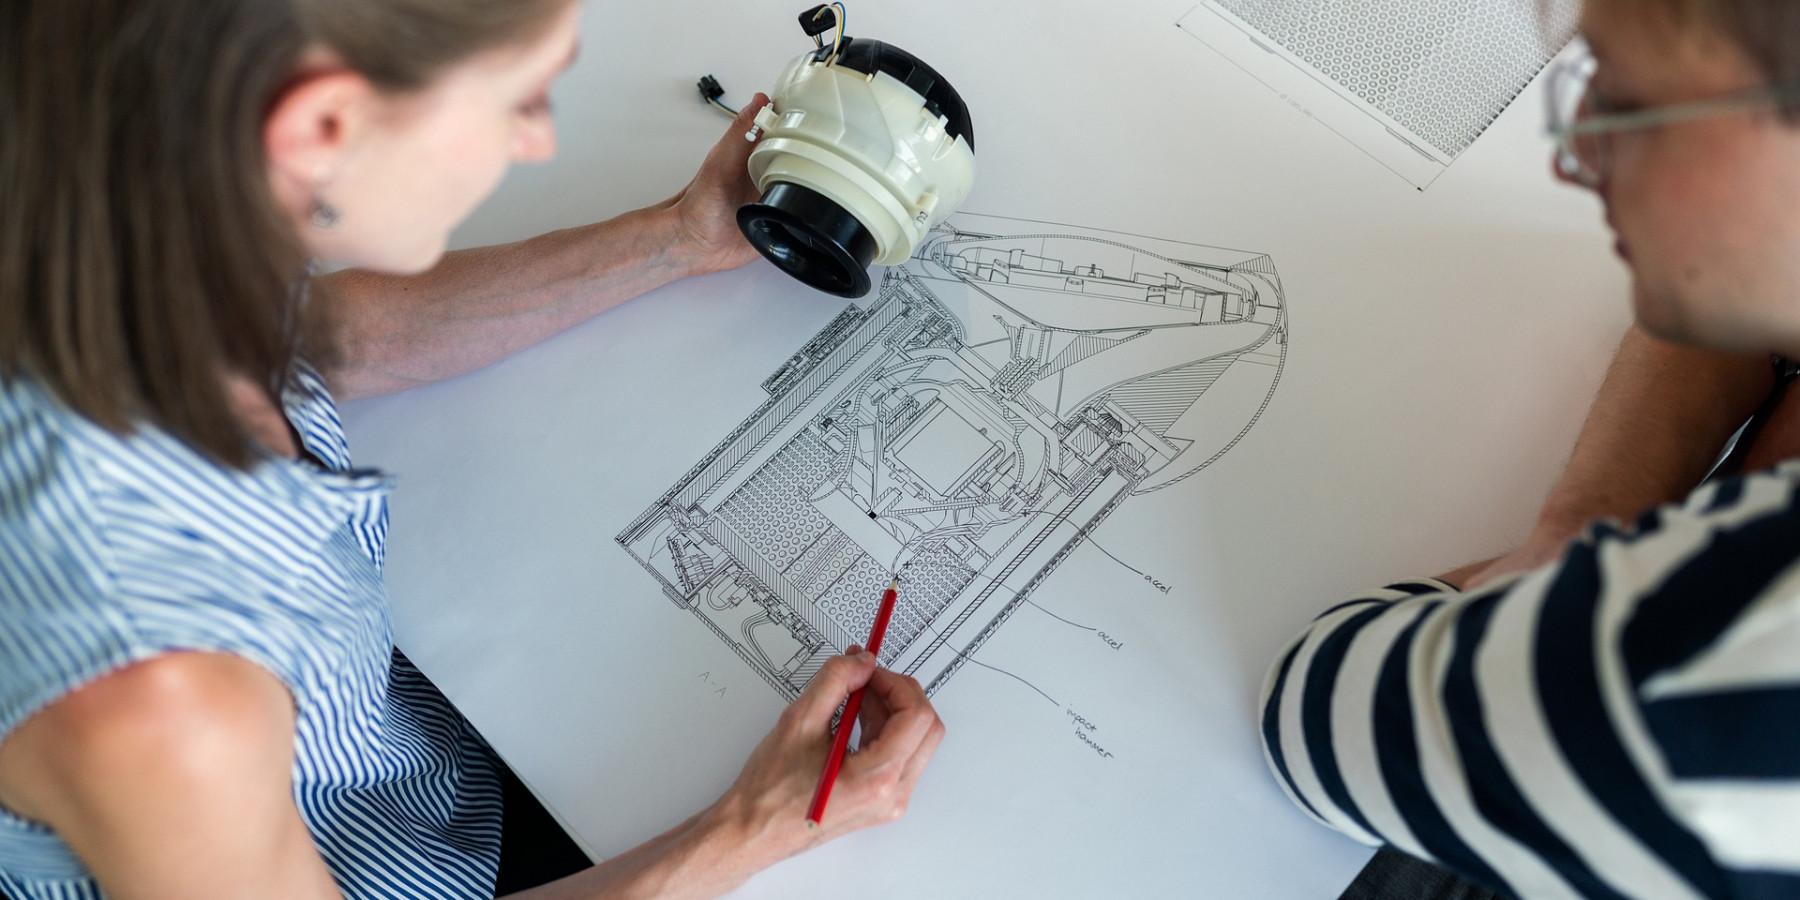 Aktionsplan mit Vorschlägen zur Lärmminderung